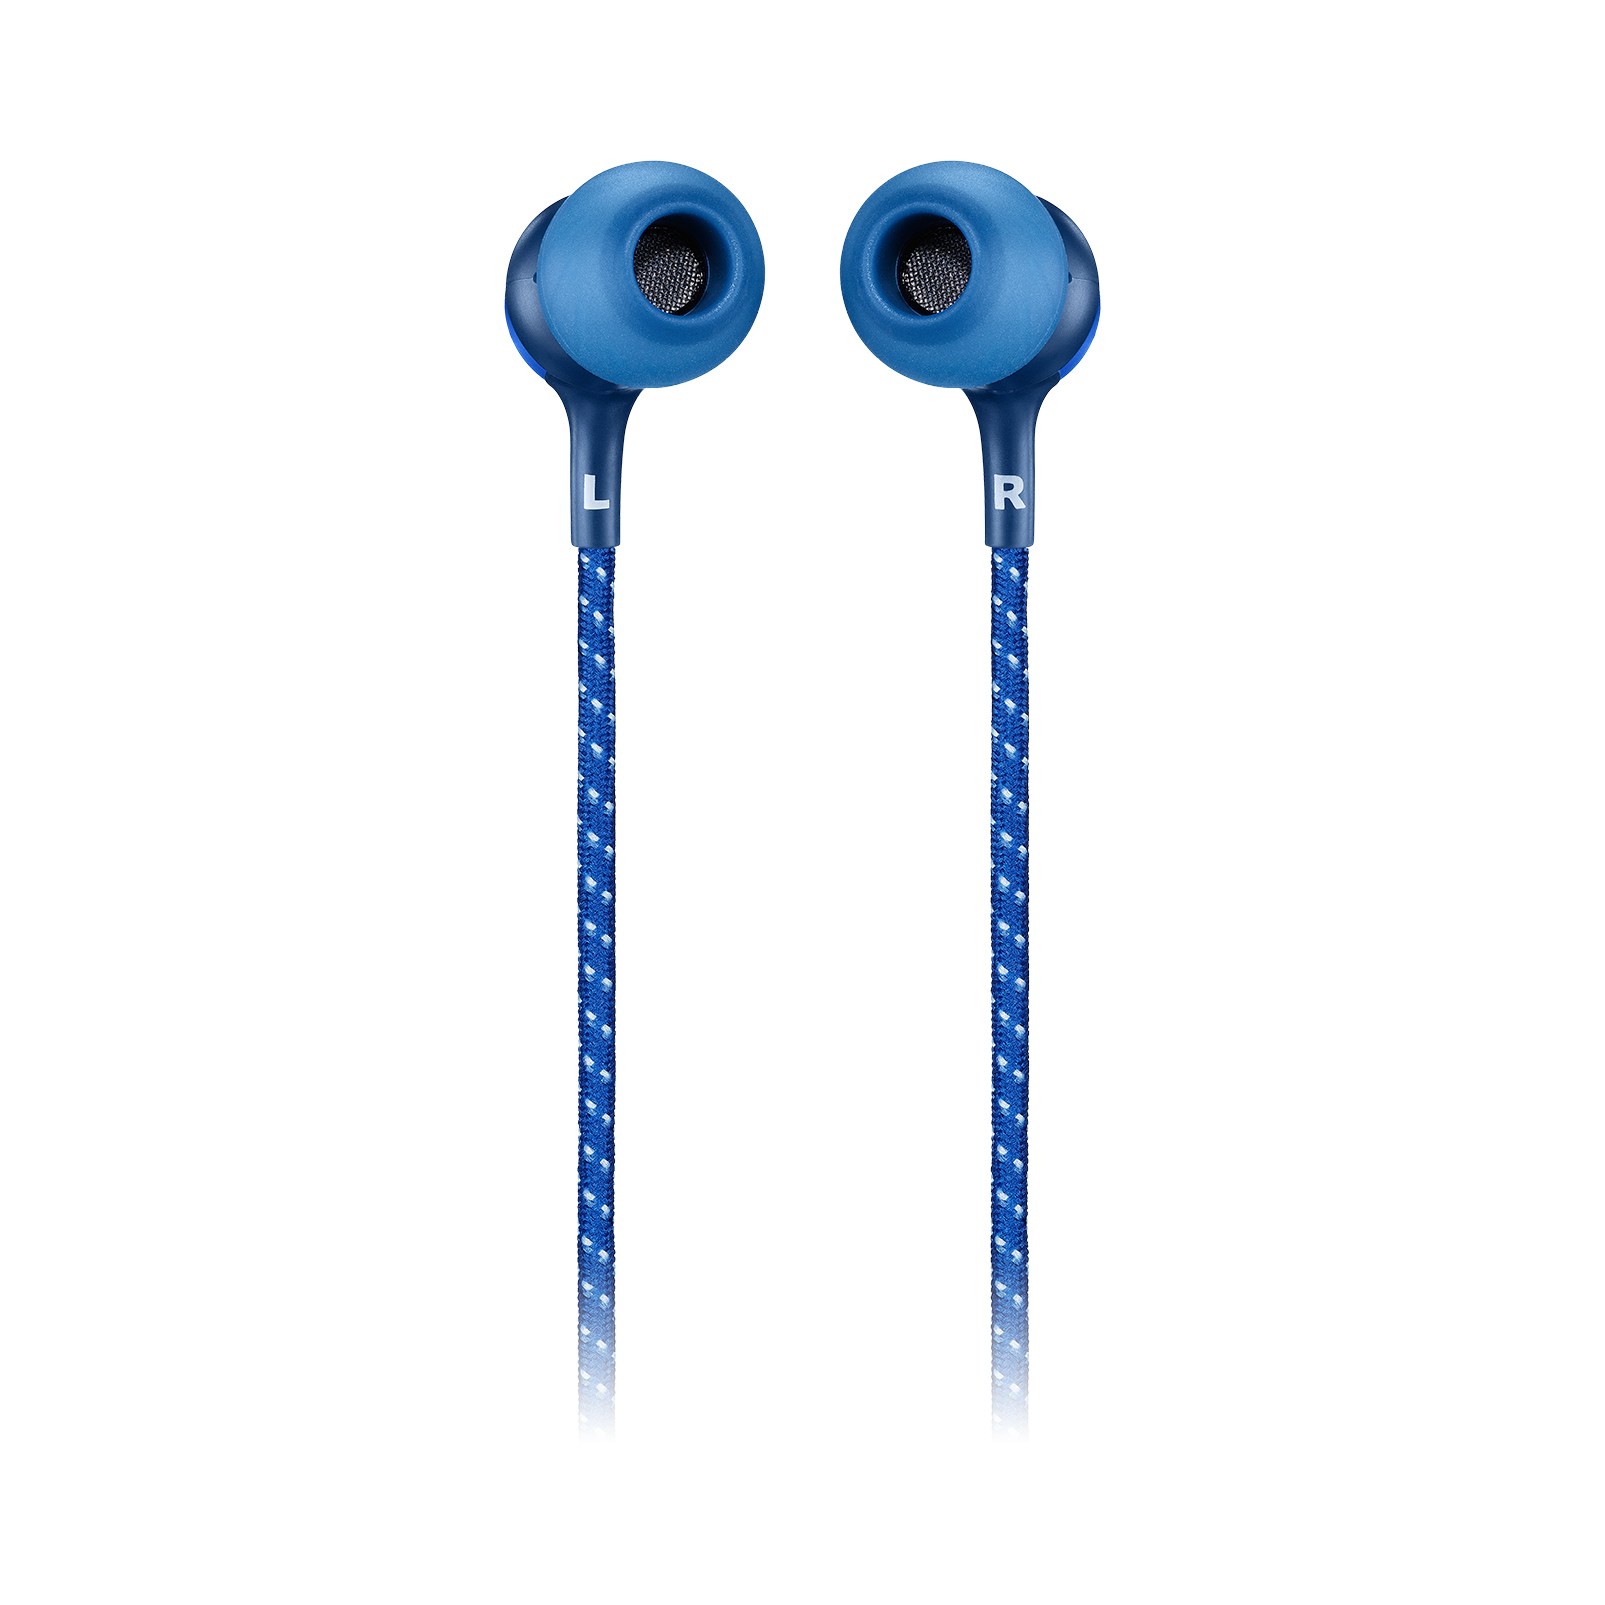 JBL LIVE 200BT - Blue - Wireless in-ear neckband headphones - Back